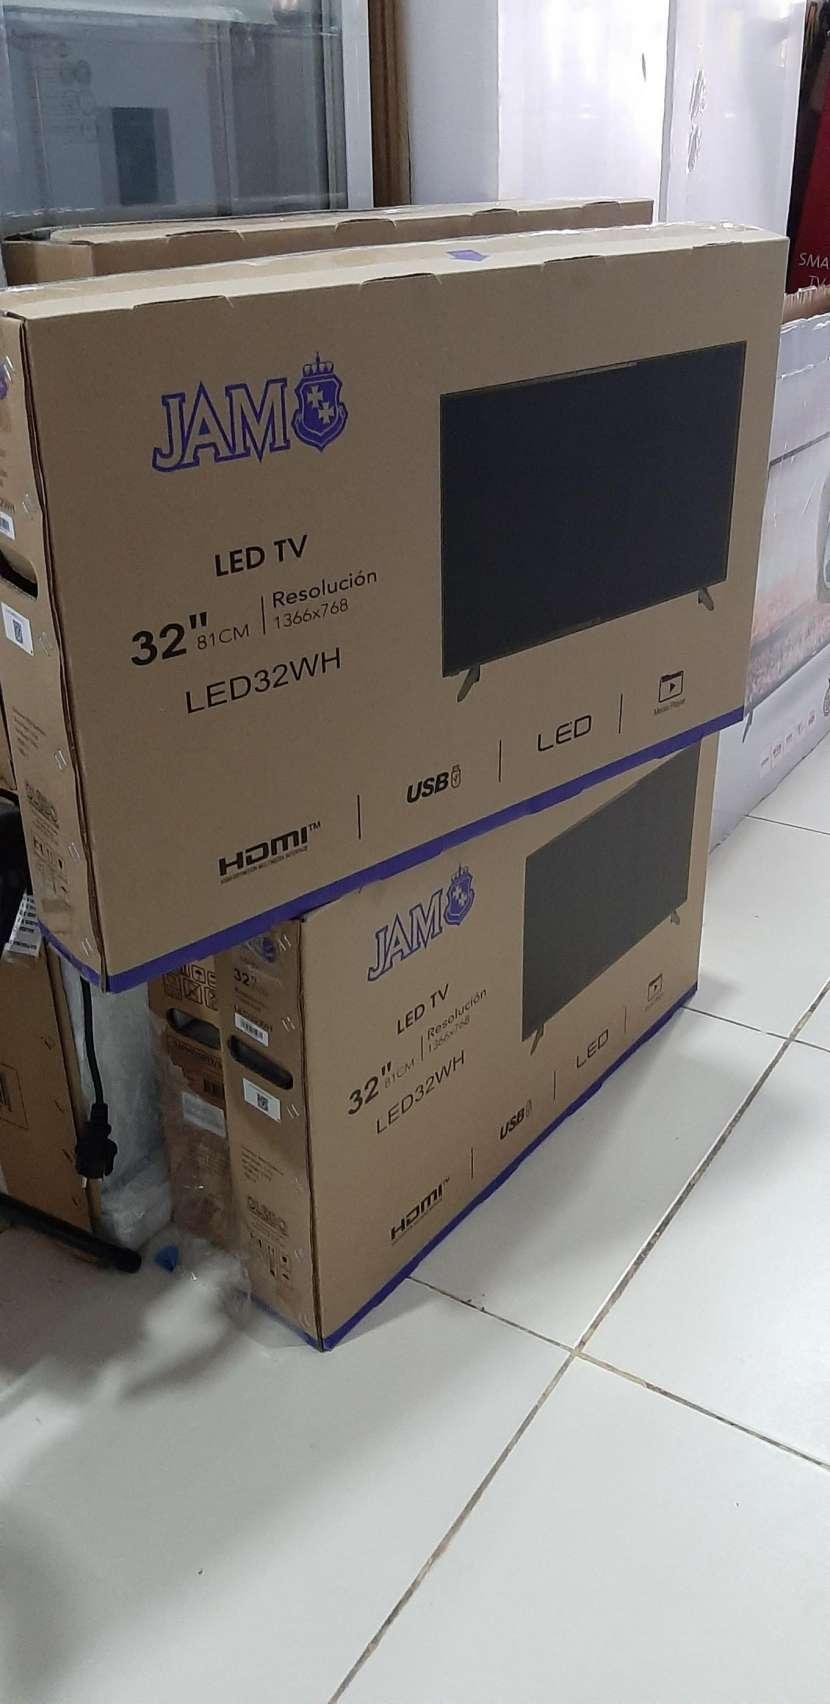 TV LED JAM de 32 pulgadas - 0